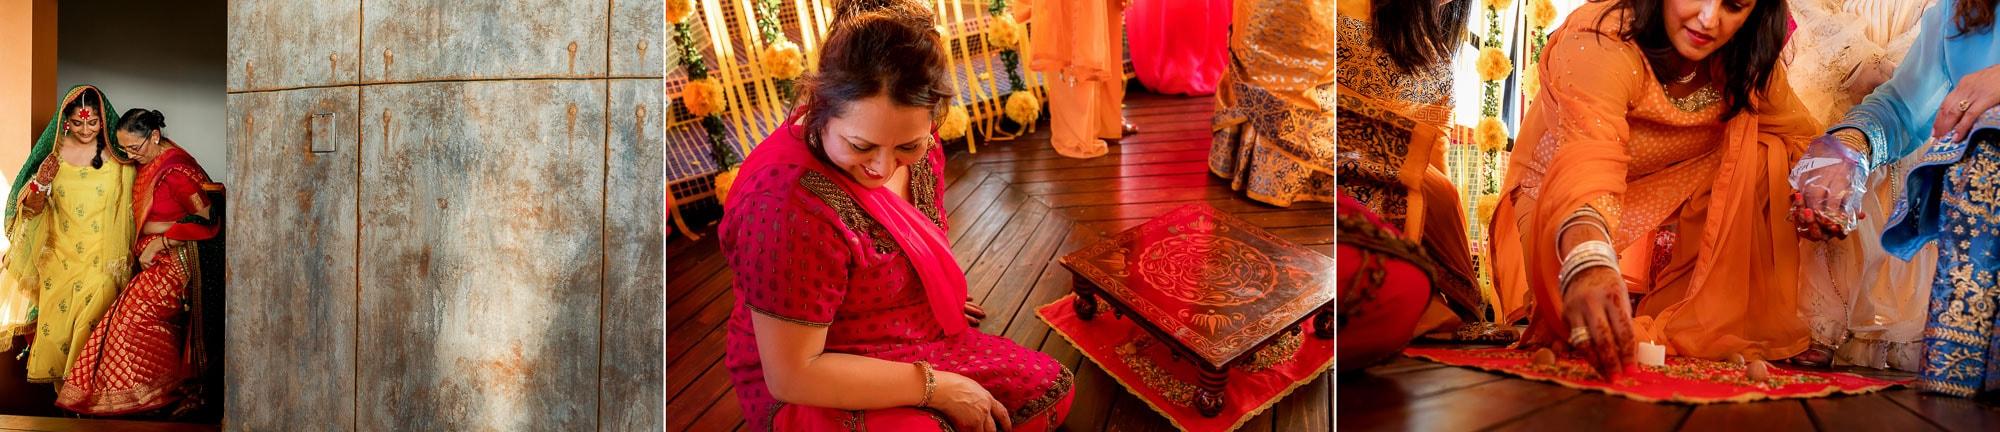 Pithi ceremony preparations